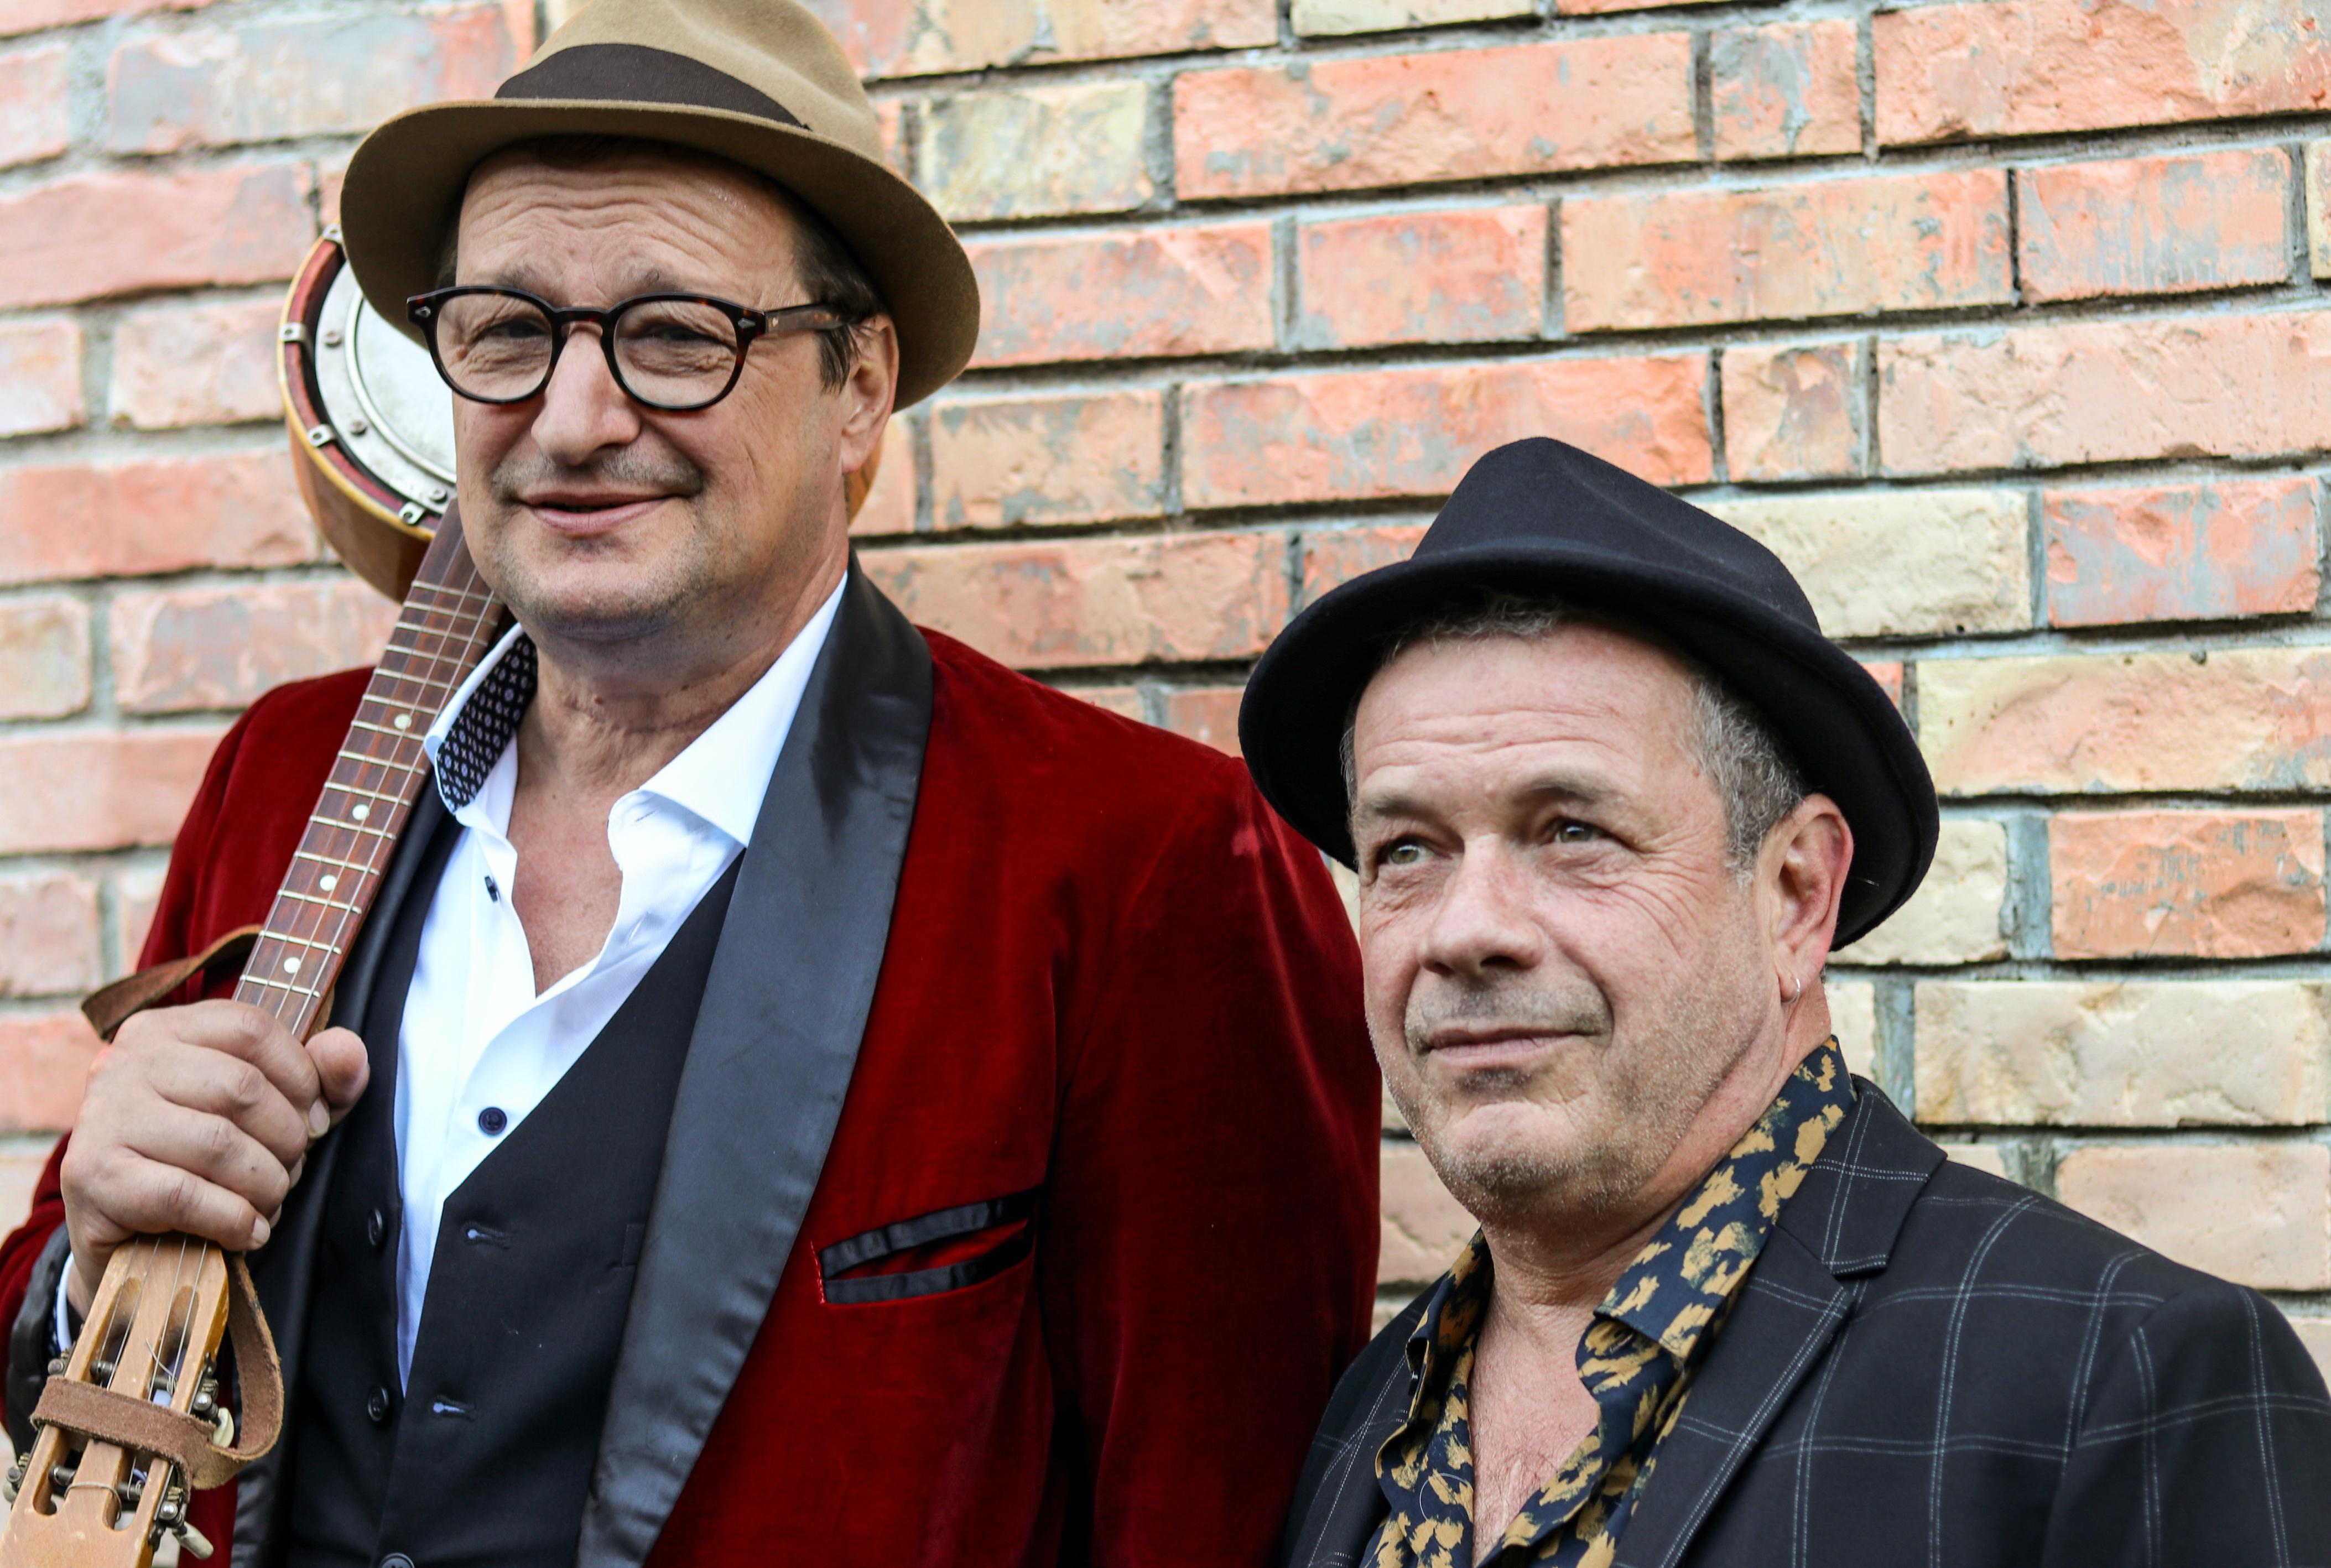 Les trois Suisses - Vagabund, Pressefoto 5